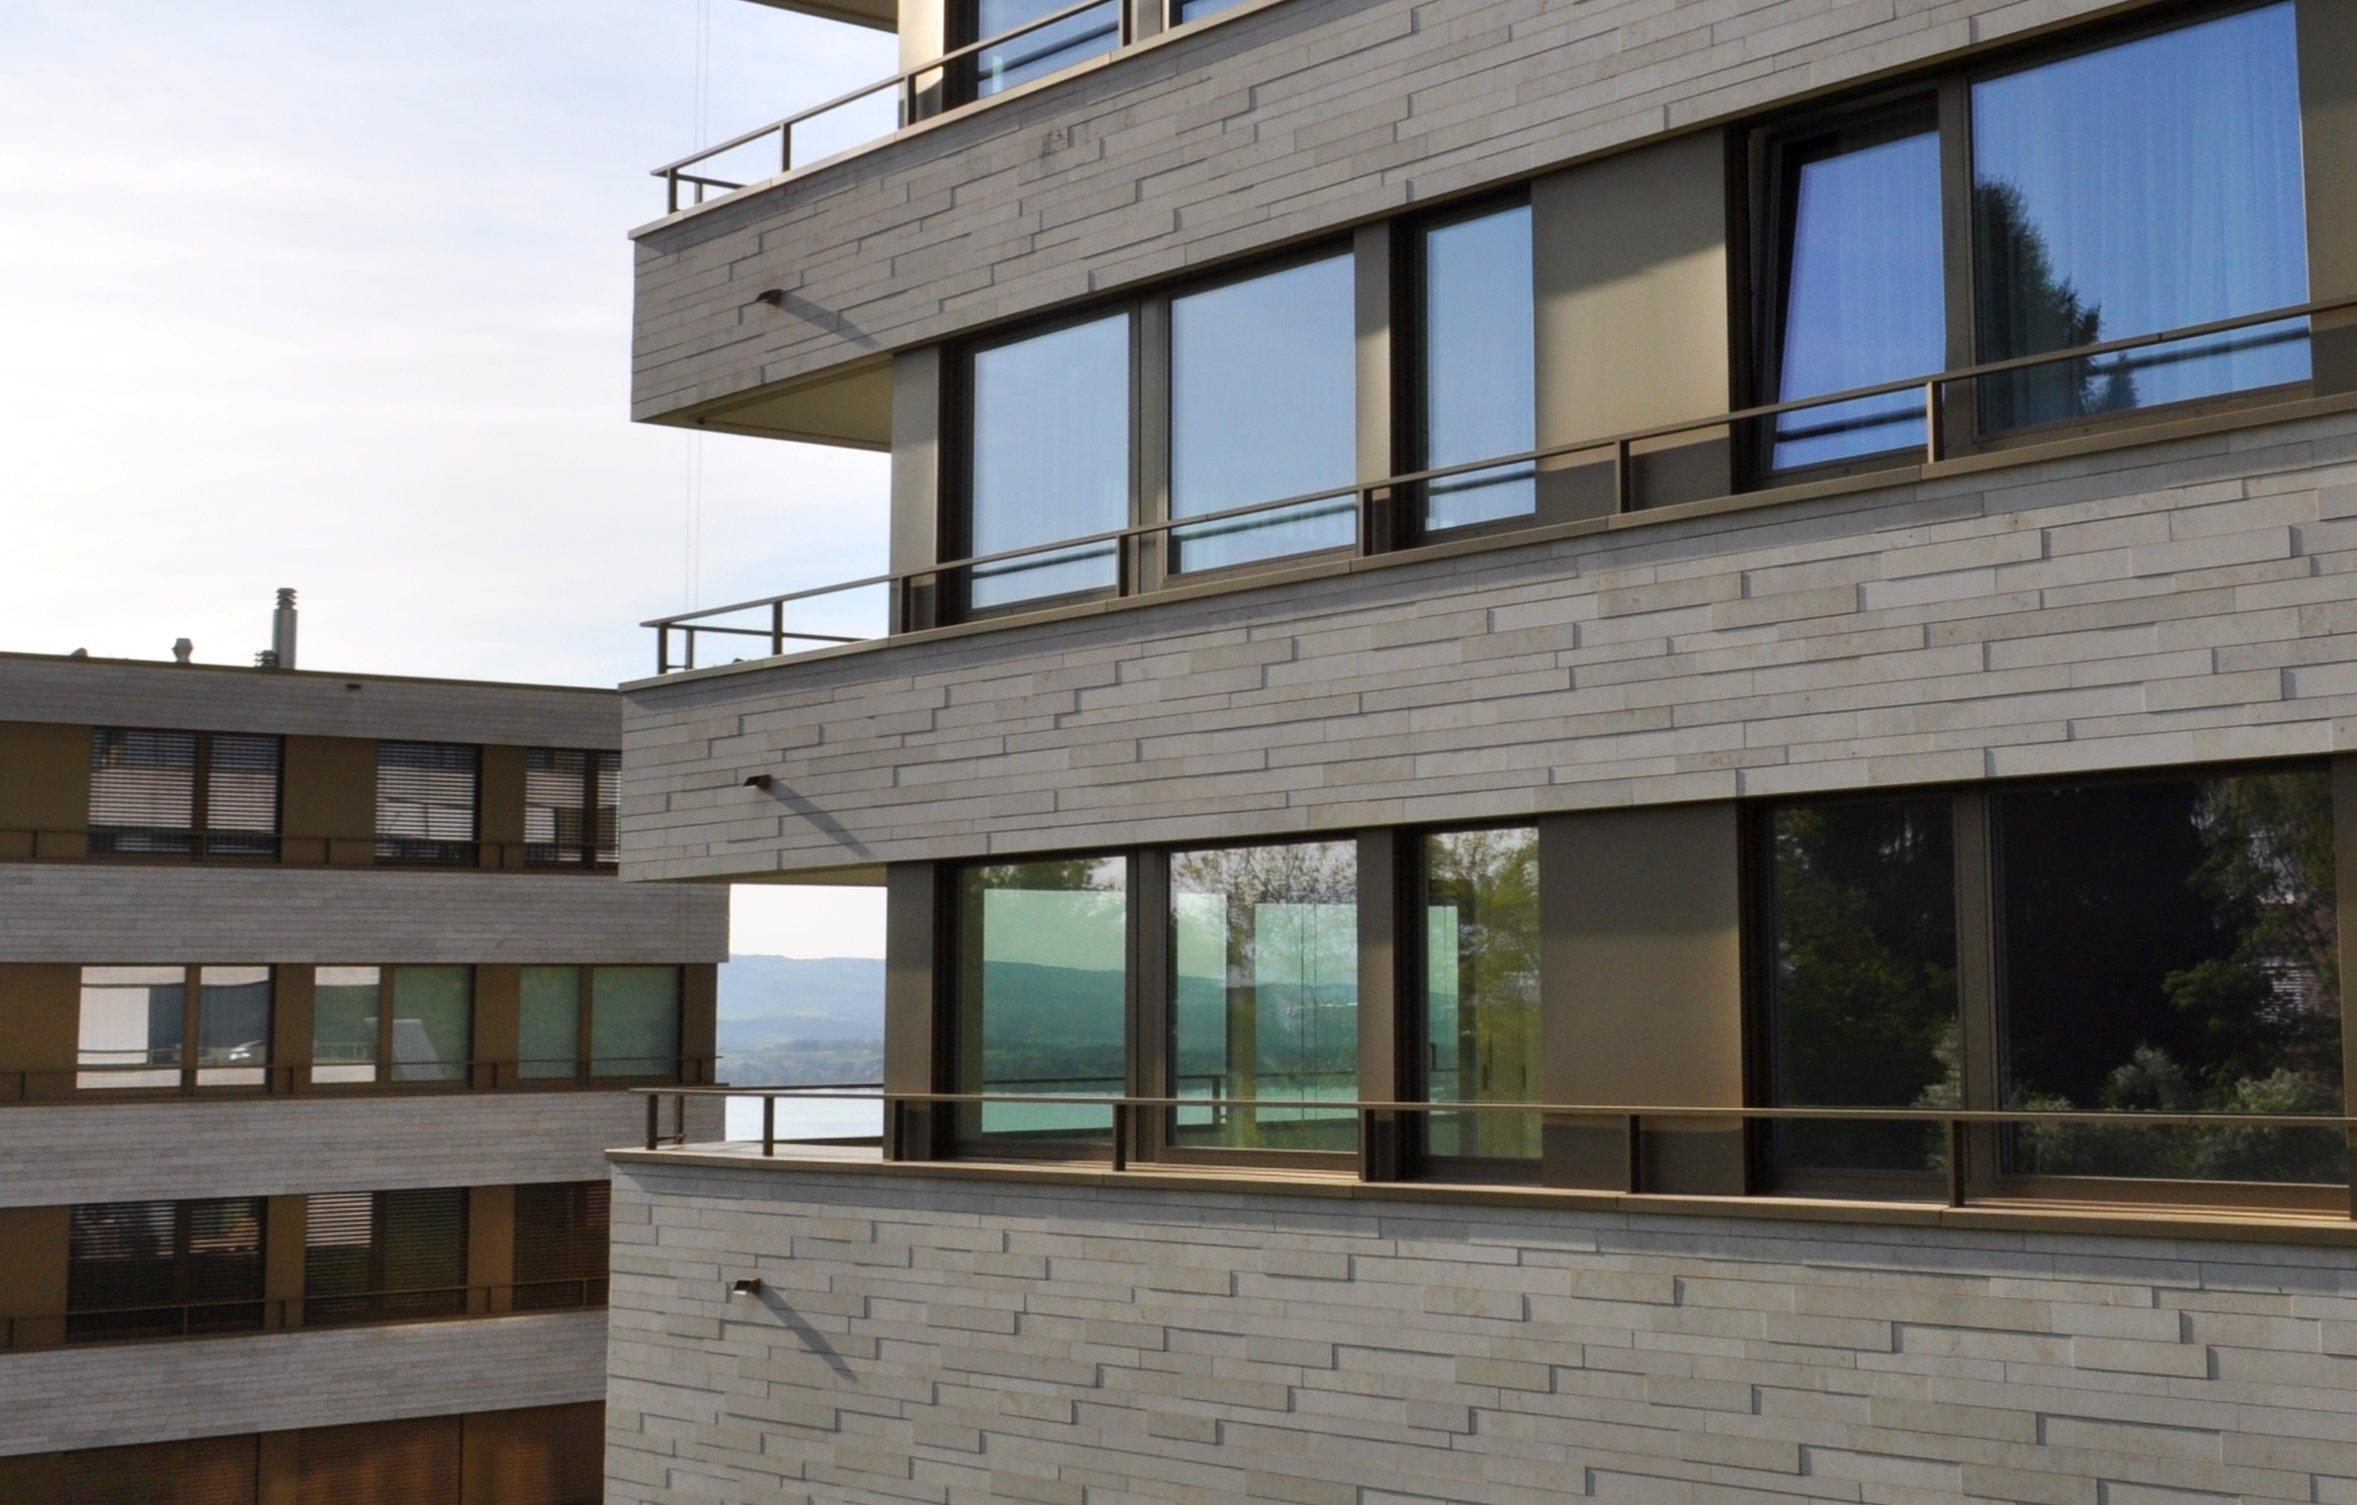 Ausbau mit edlen Materialien – aber anspruchslose Architektur: Leerstehende Wohnung im Edenpark.